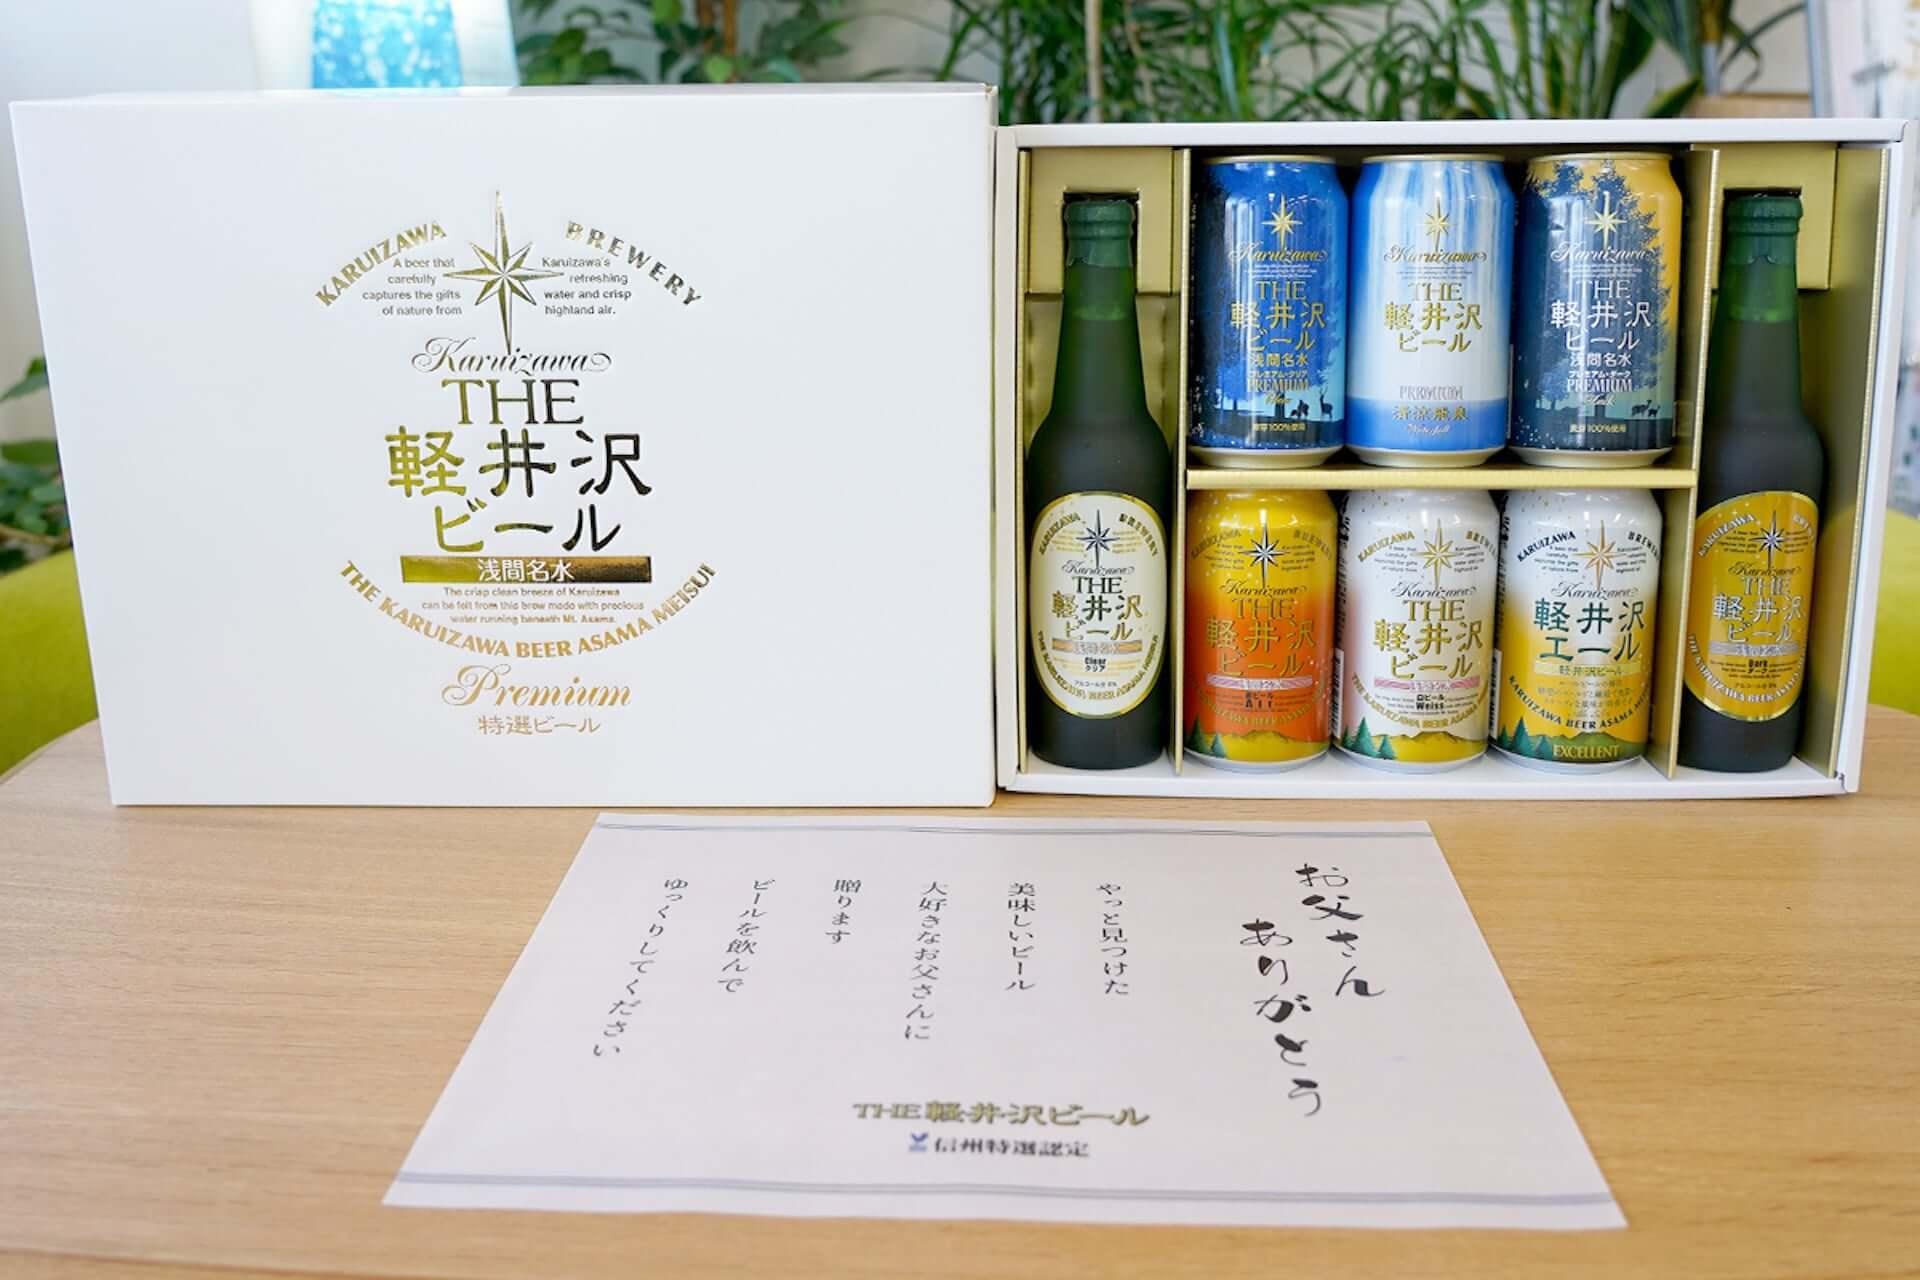 父の日限定の地ビール・クラフトビール8本飲み比べセットが登場!感謝のメッセージ付きギフトボックス gourmet200611_karuizawabeer_06-1920x1280